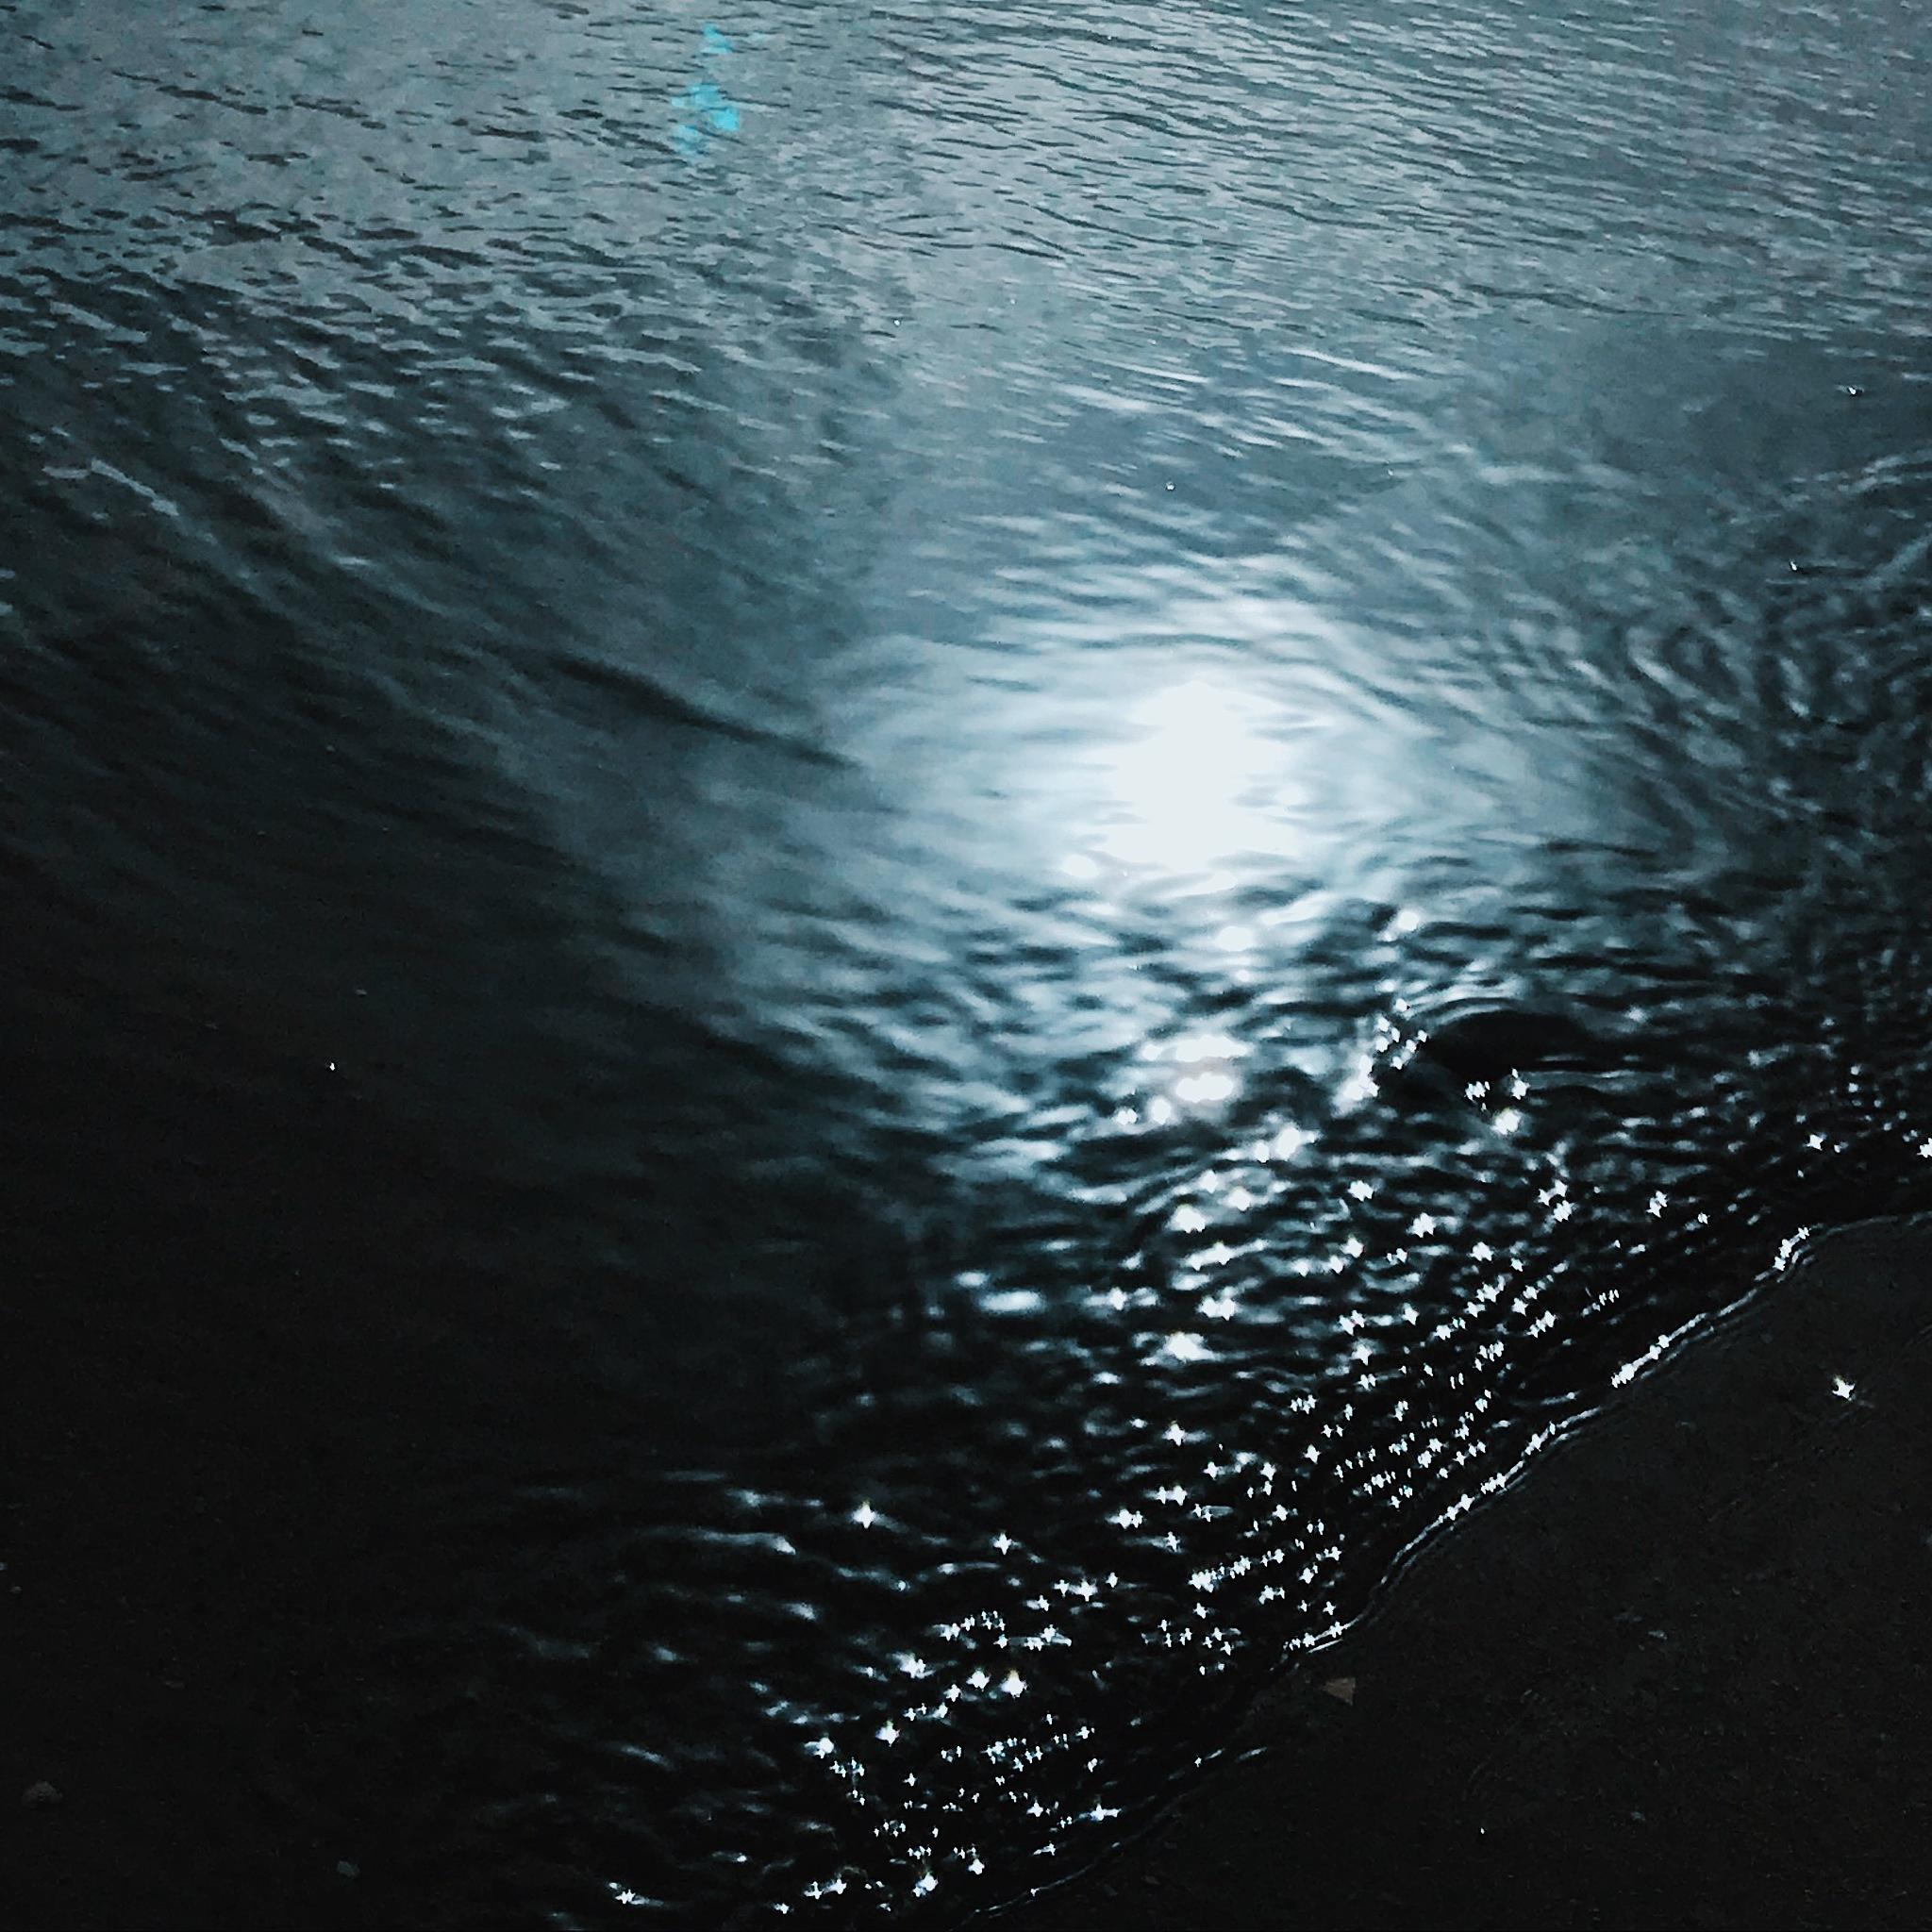 Sea by Fábio Valente